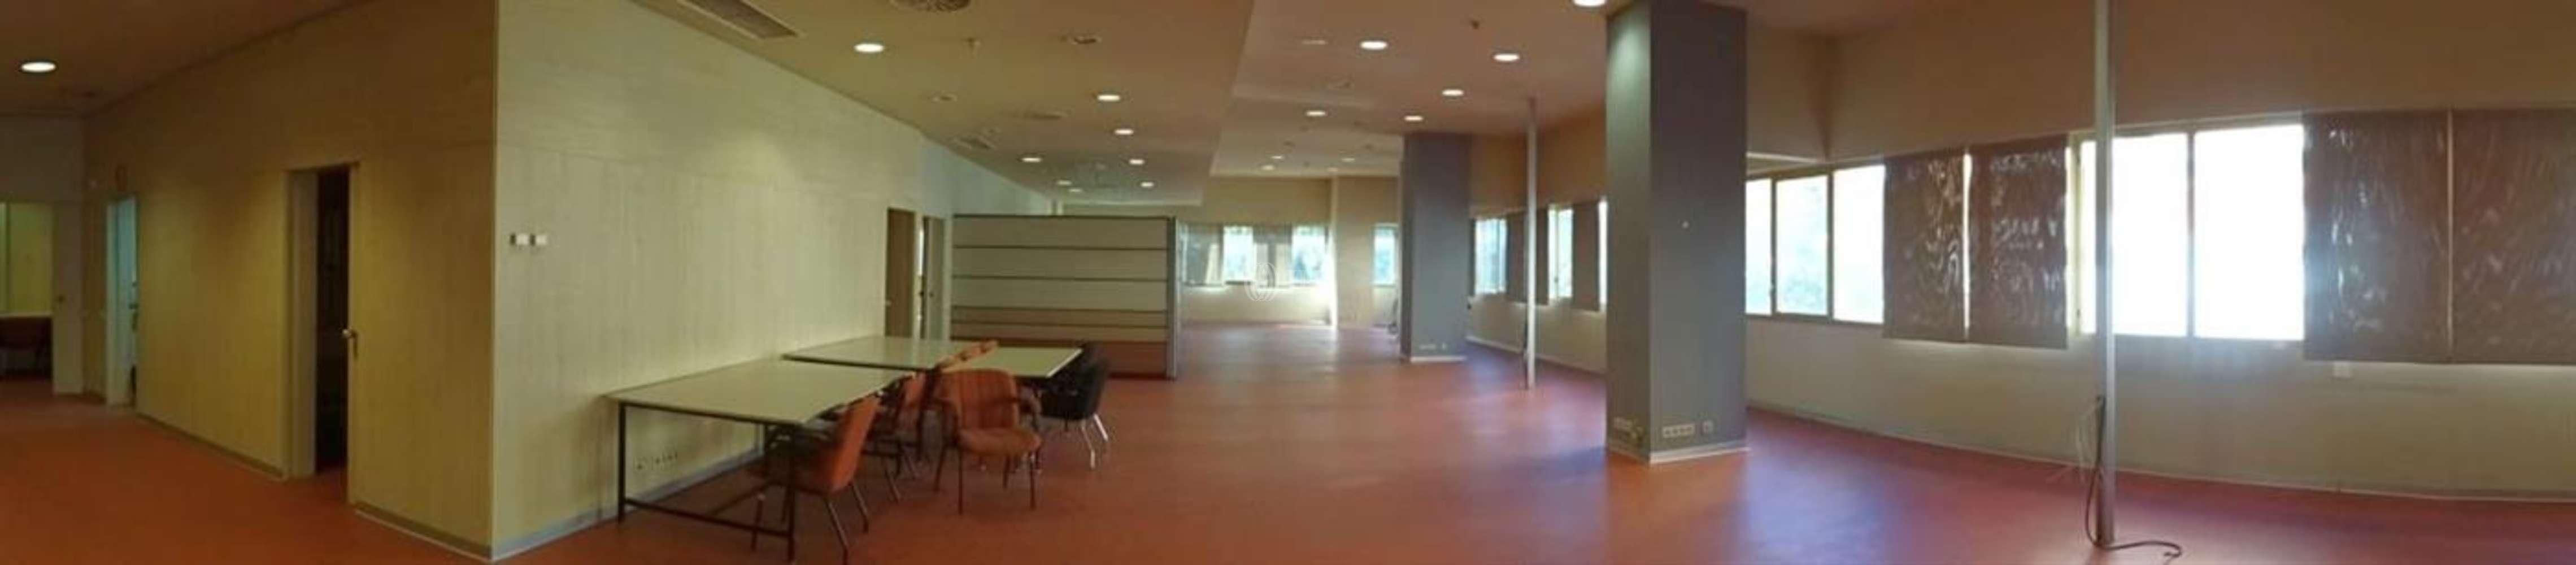 Oficina L'hospitalet de llobregat, 08902 - LA GRANVIA DE L HOSPITALET 8 - 9583